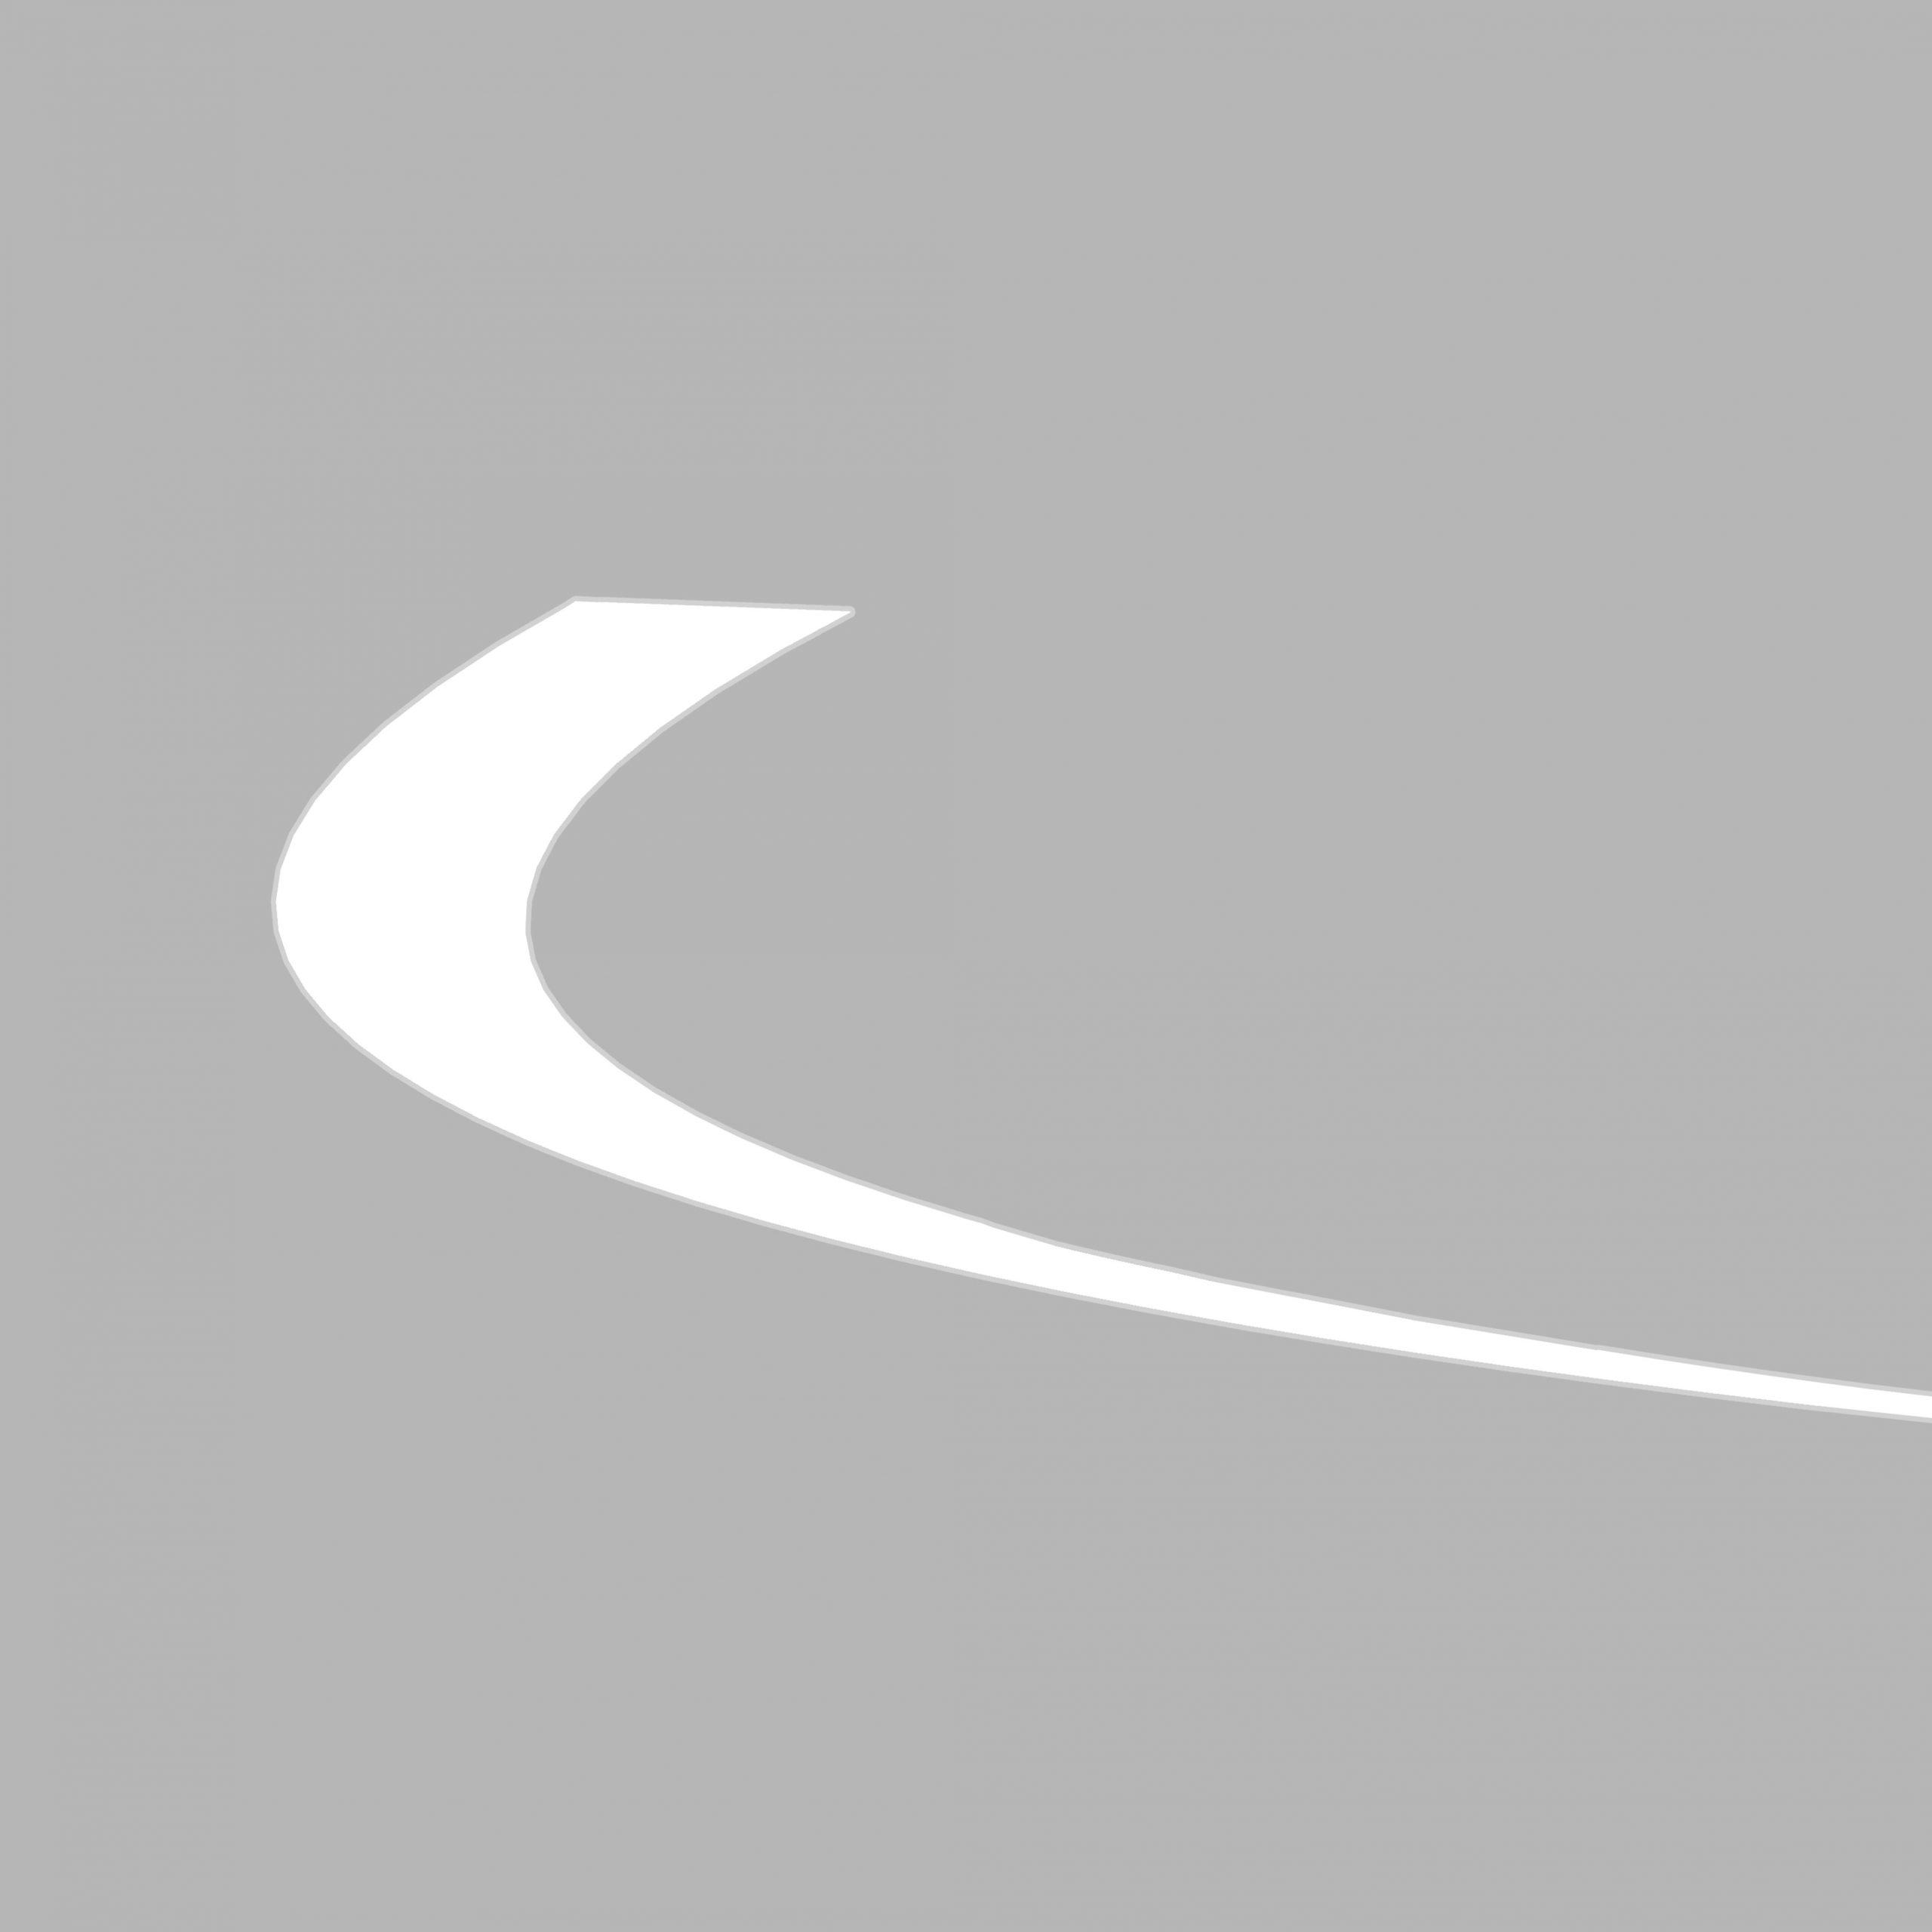 Circular-Curve-Trimless